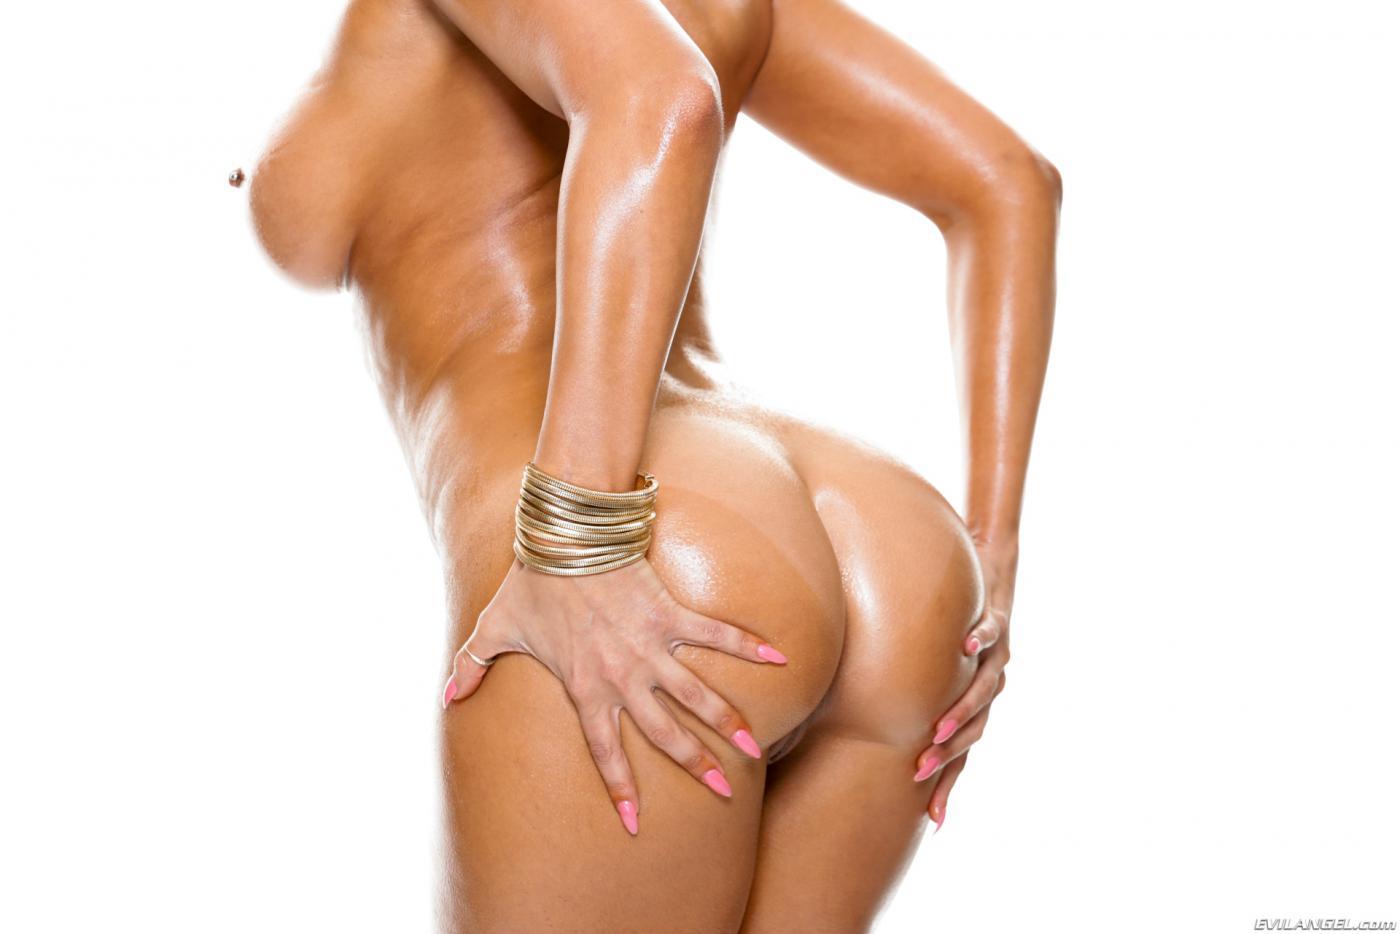 Невероятно сисястая брюнеточка Rachel Starr показывает свою эпичную блестящую попку в массажном масле